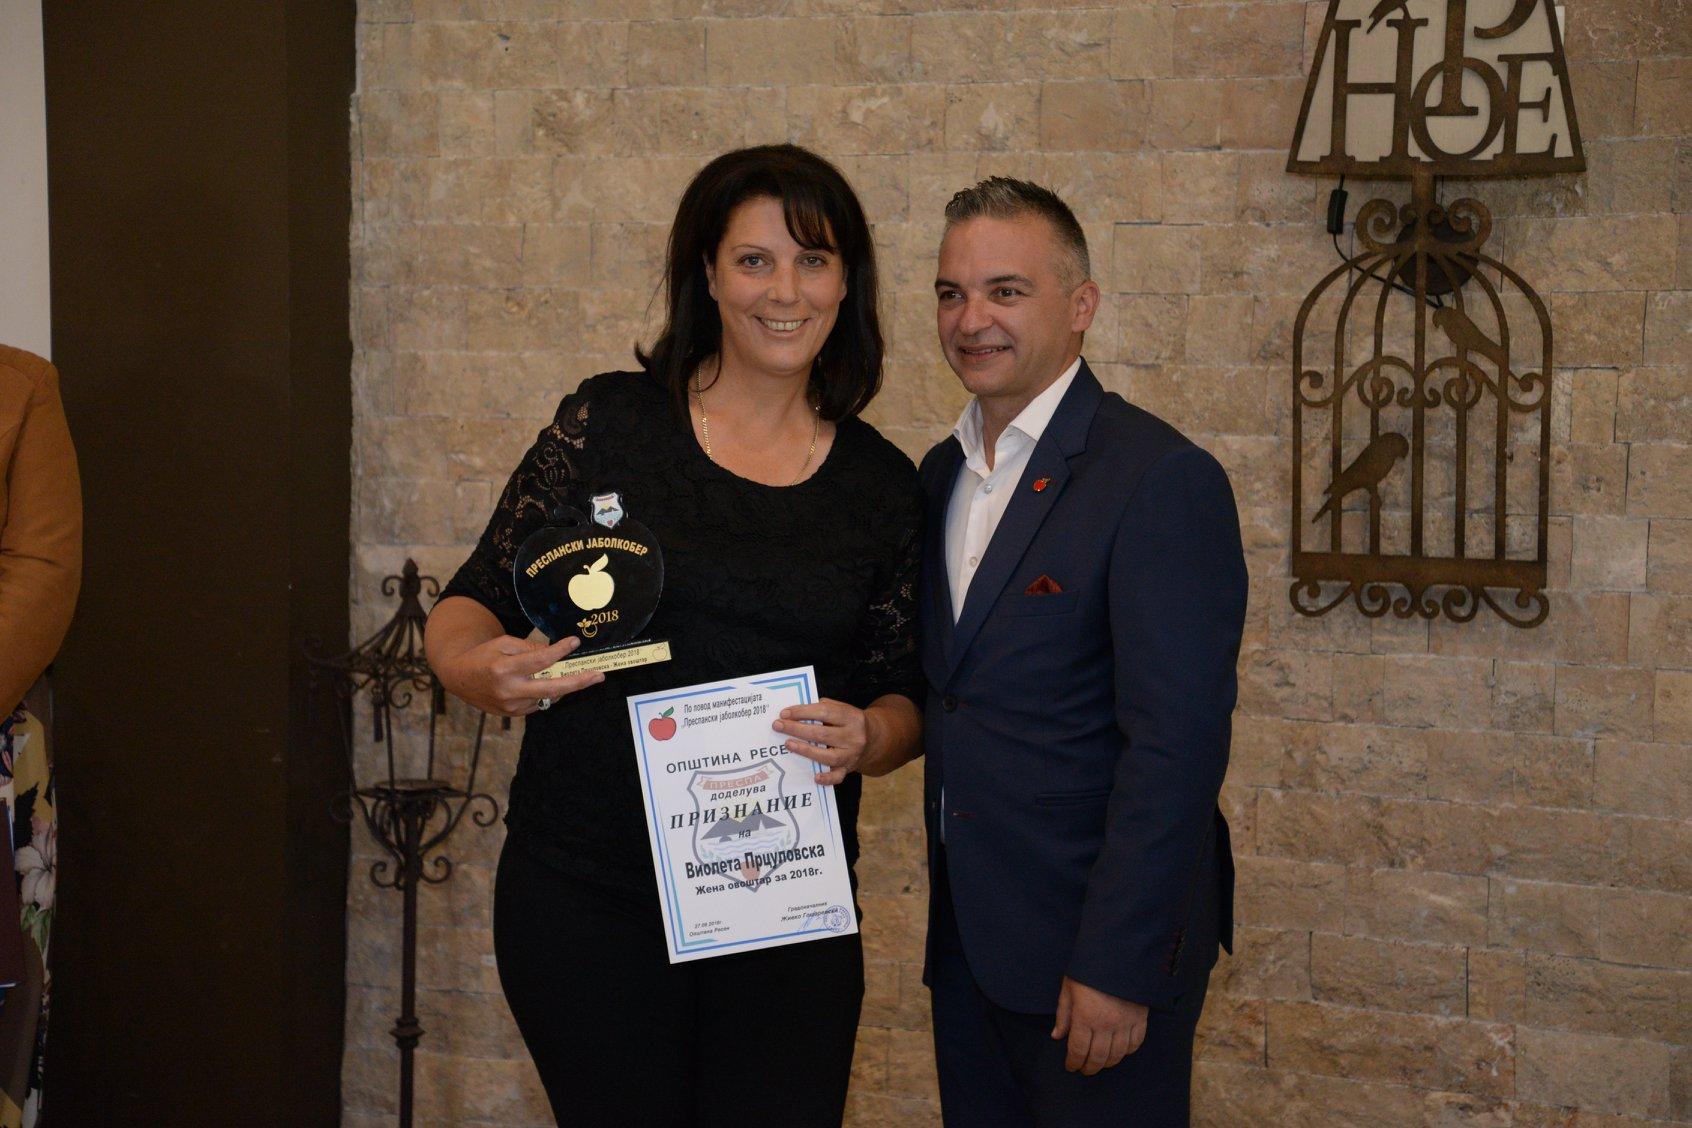 Виолета Прцуловска, најдобра жена – овоштар за 2018